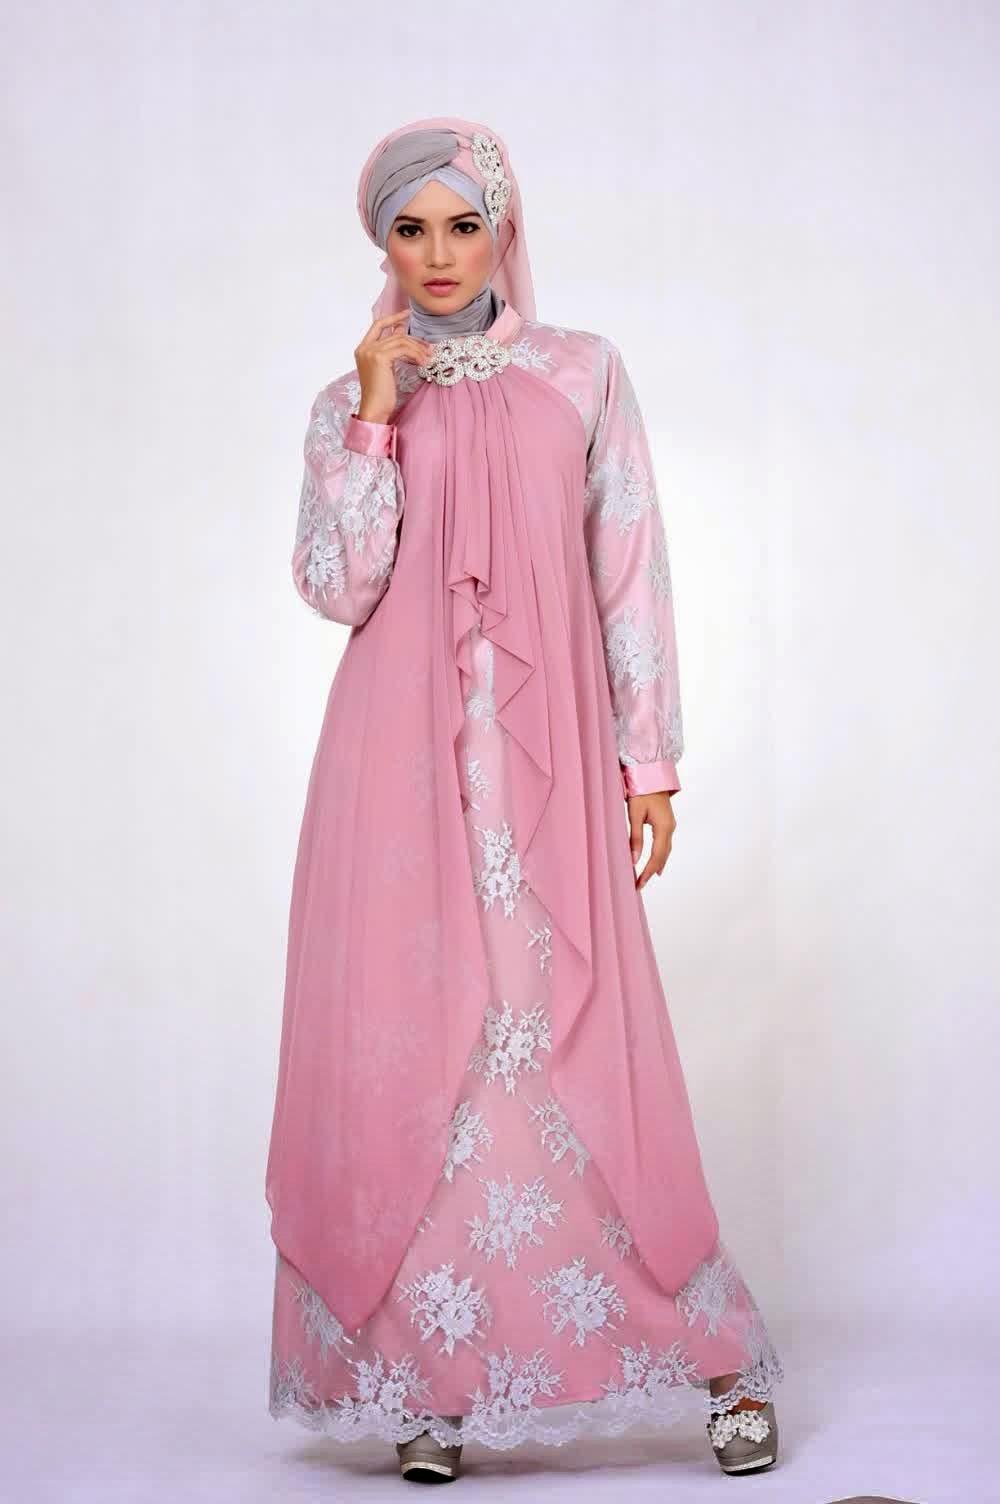 20 contoh baju gamis muslim brokat terbaru 2018 Baju gamis pesta muslim